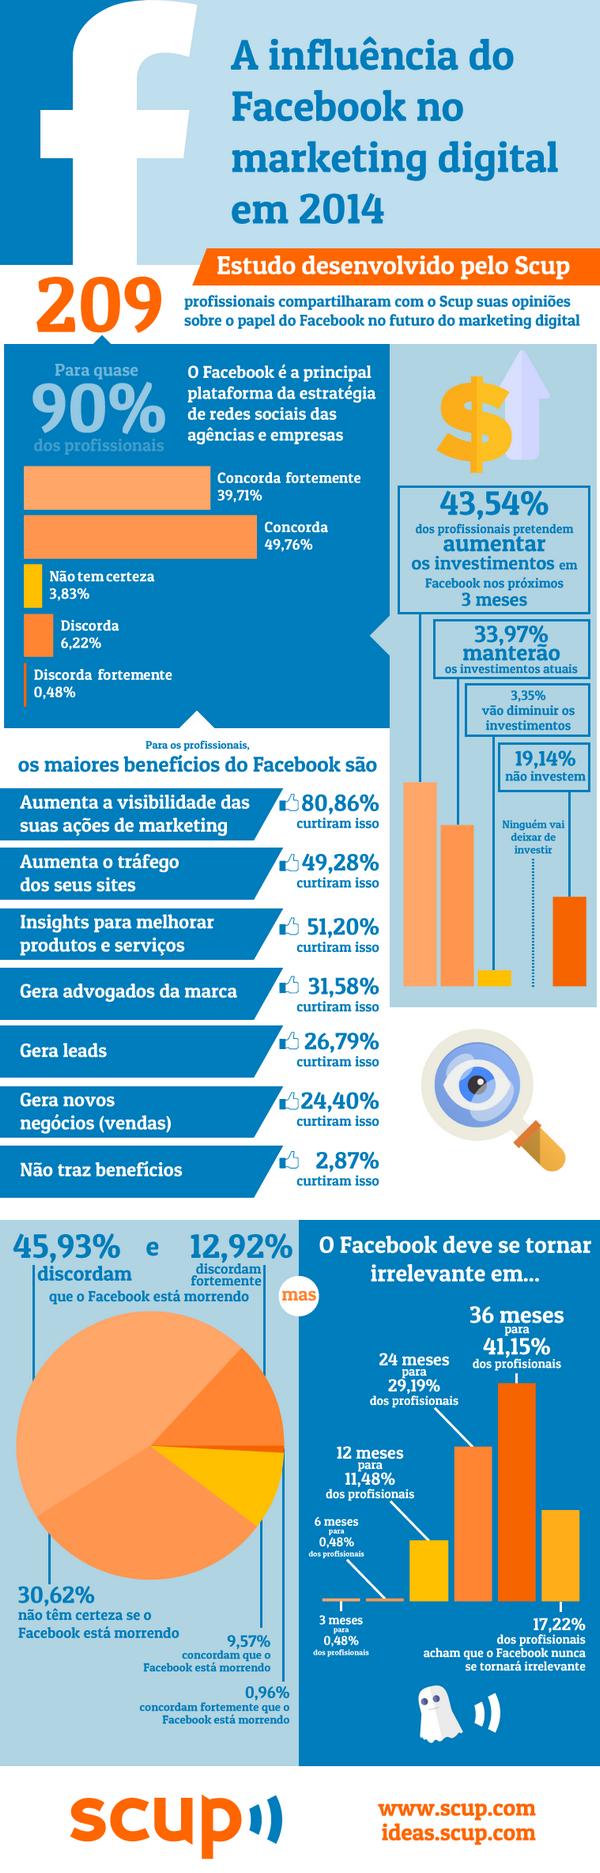 Influência do Facebook em 2014